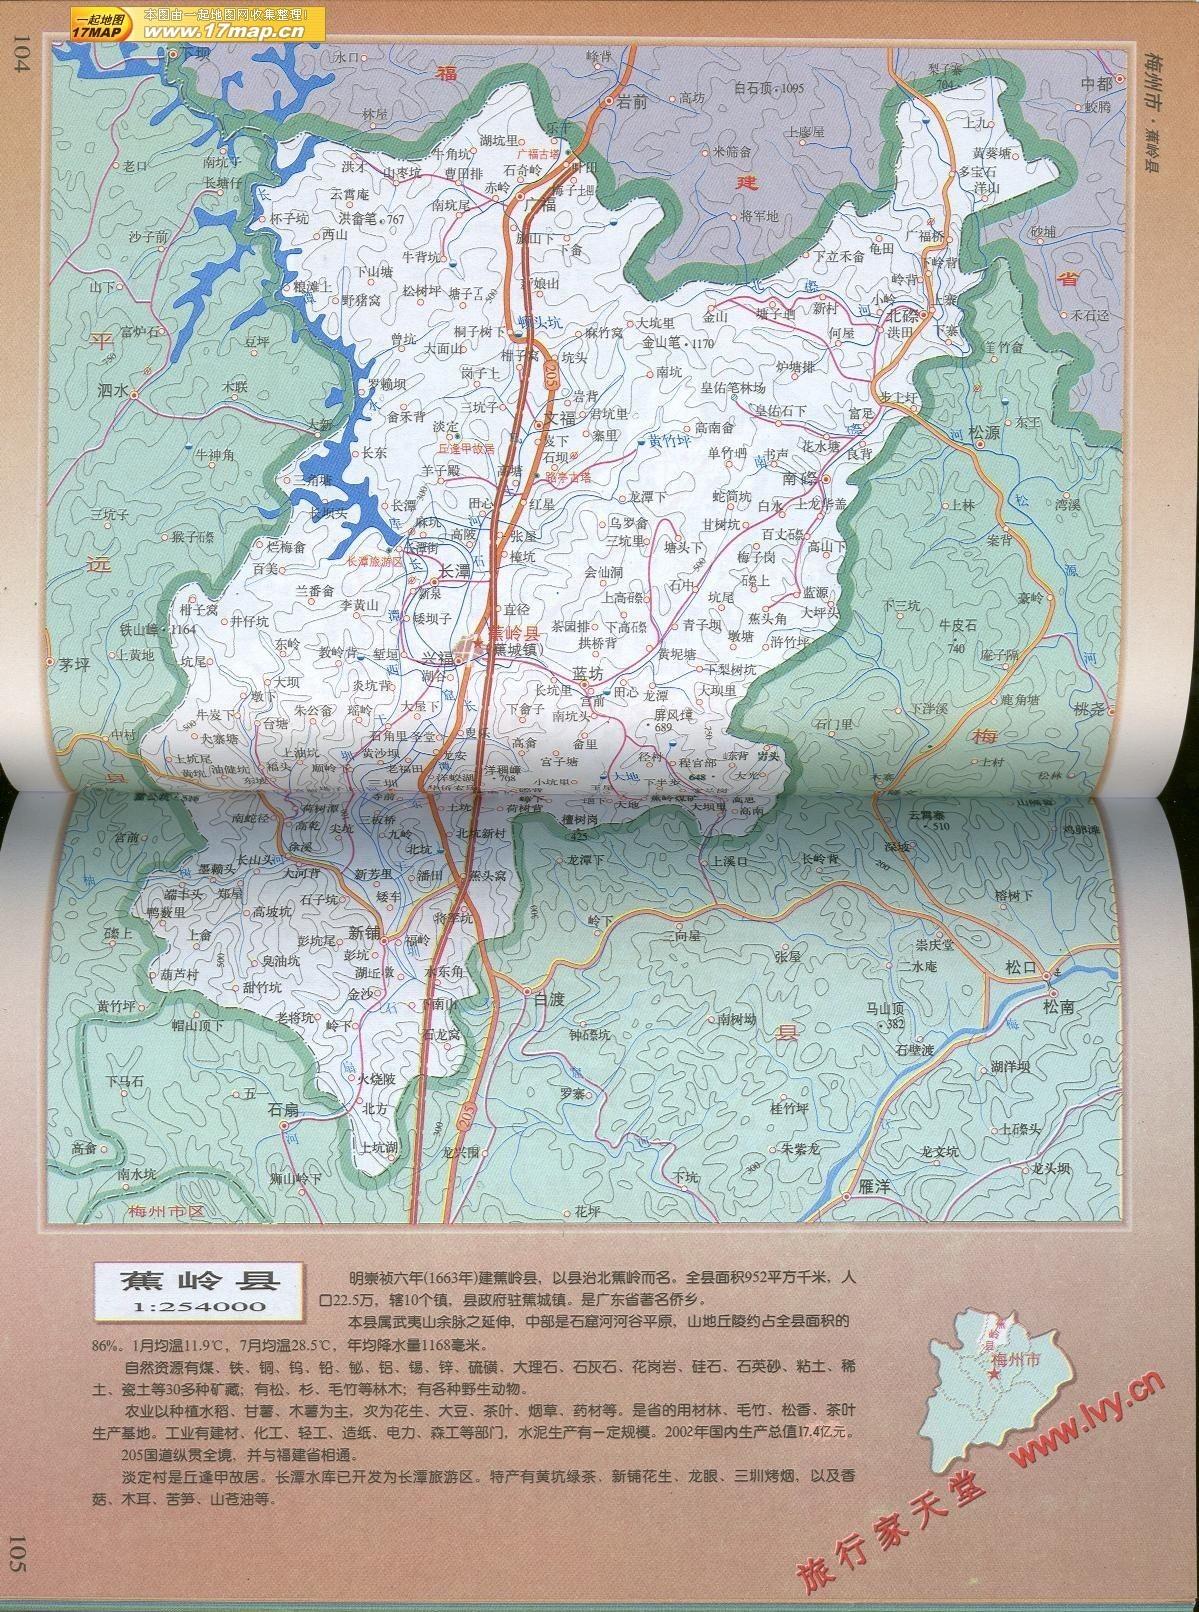 蕉岭长潭景区地图